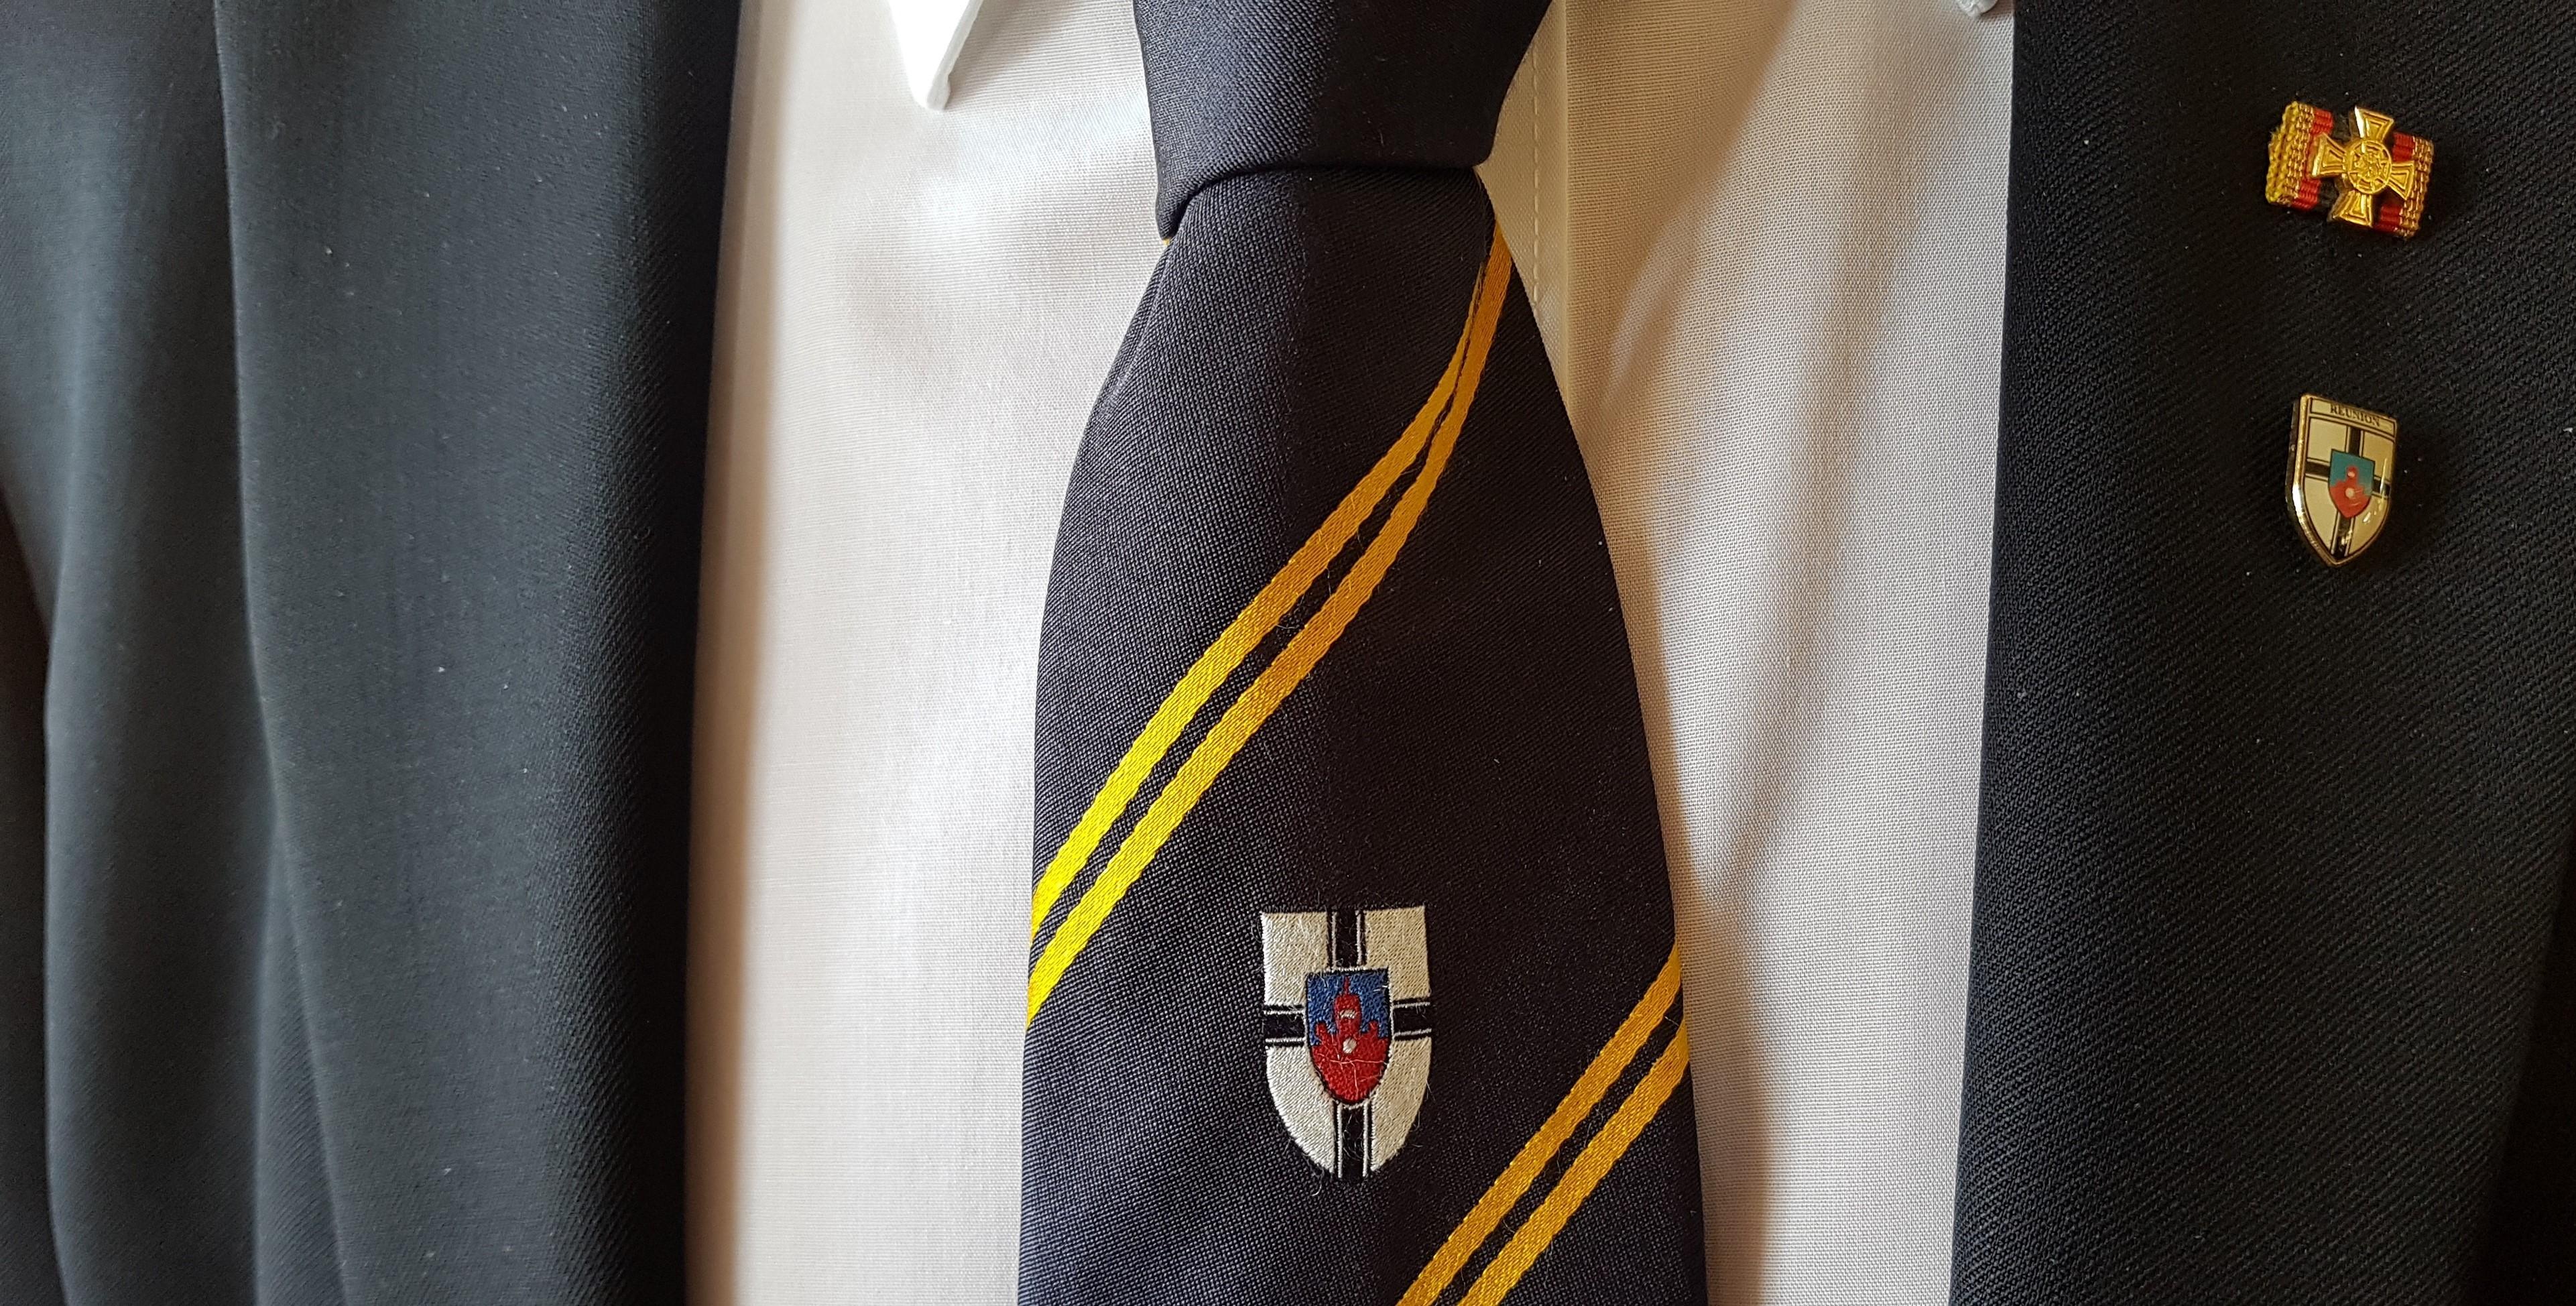 Verbundenheit: Das Wappen der Marineschule Mürwik ist auch das der REUNON Marine, nur das diese den Schriftzug REUNION über dem Schild trägt. F: May-Barg